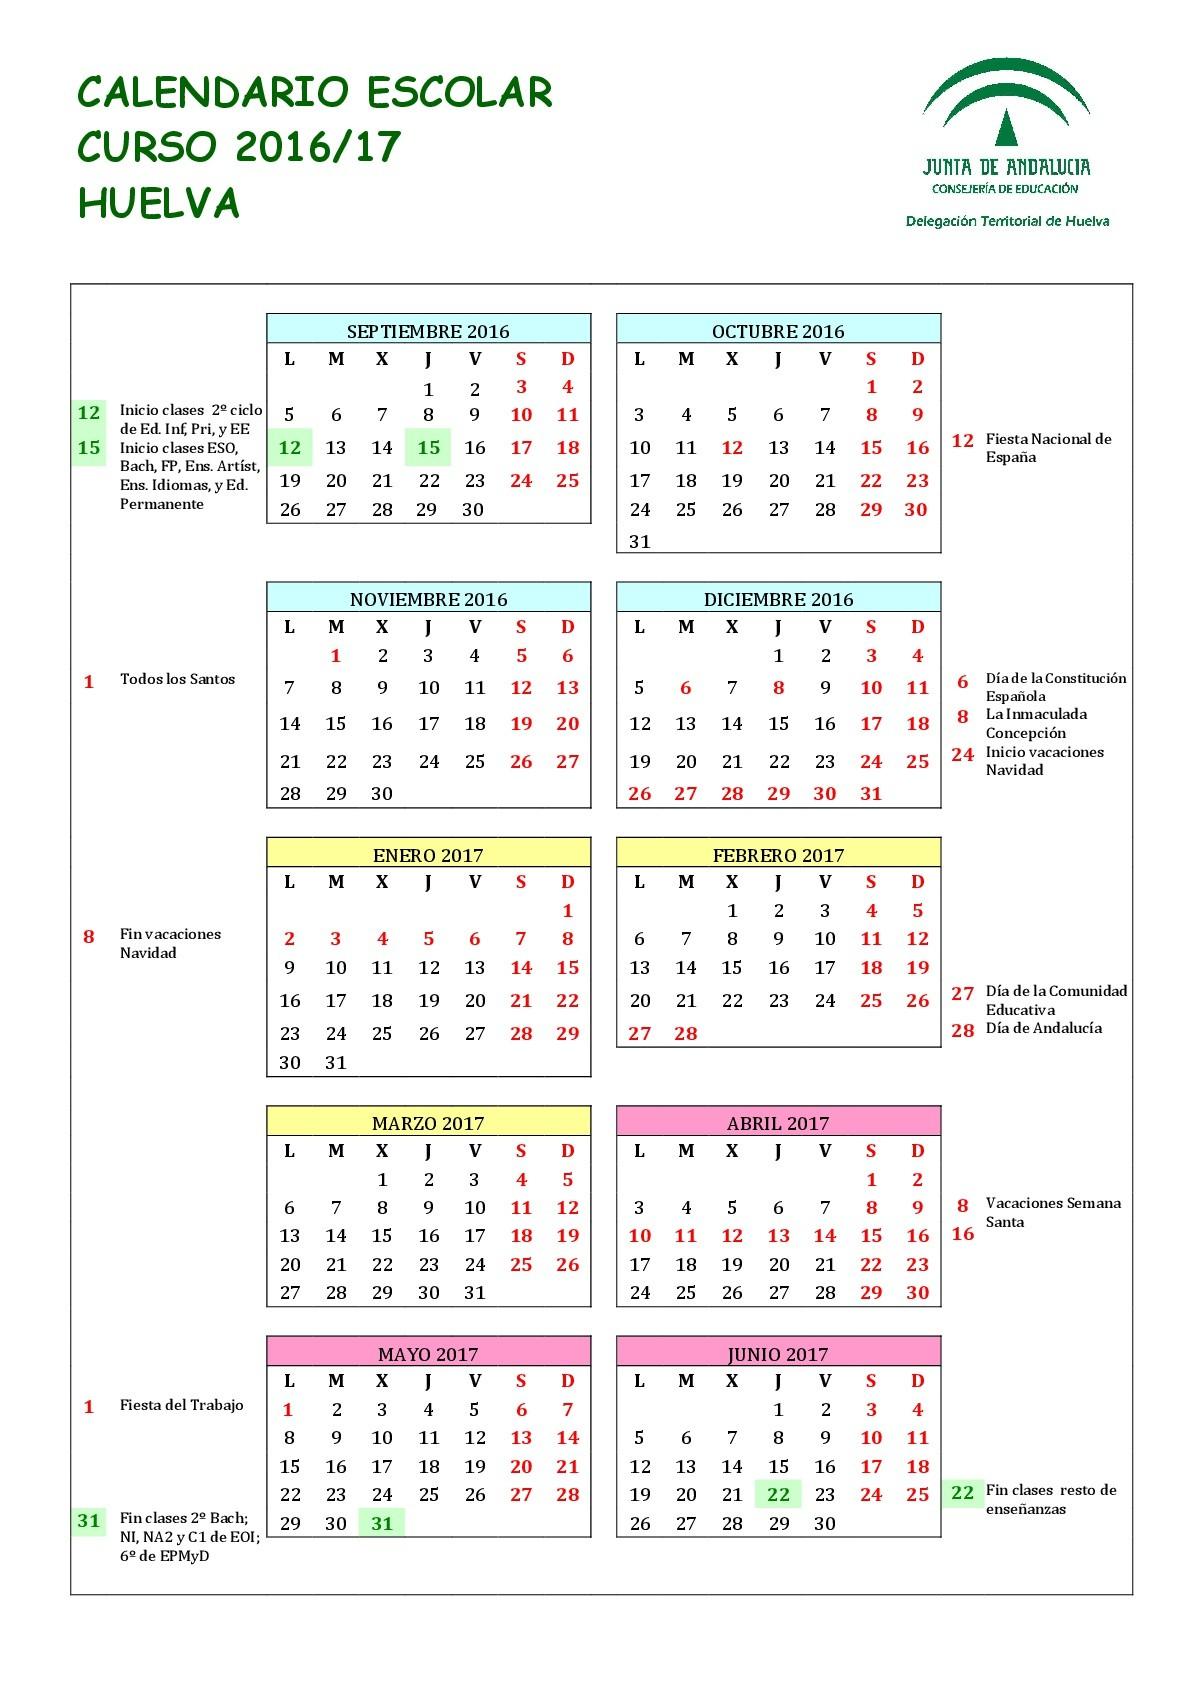 Calendario 2020 En Catalunya Más Recientemente Liberado Calendario 2017 4 Imagenes Educativas Wallpaperzen